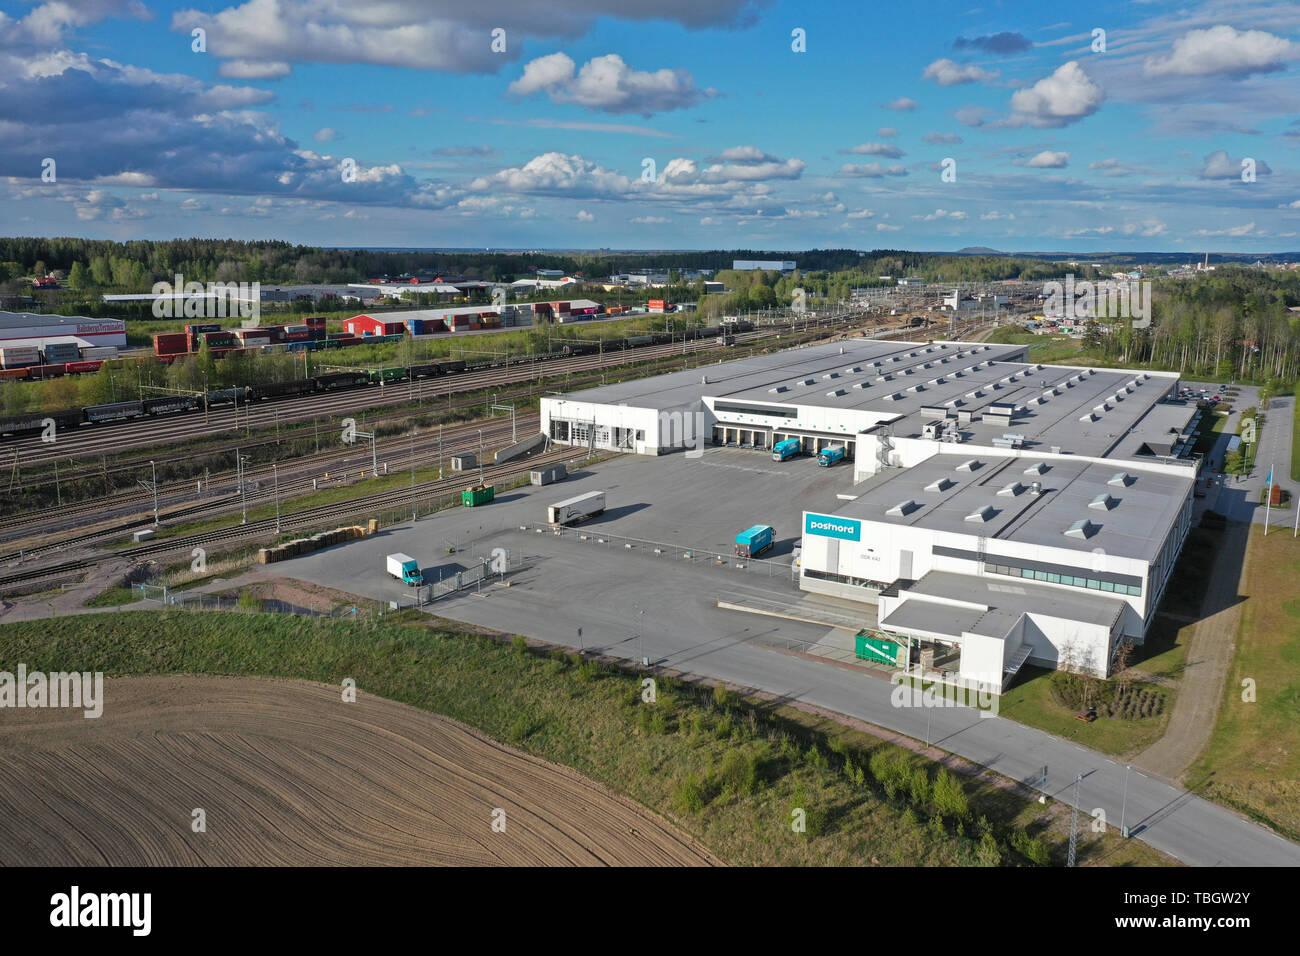 Hallsberg Fjugesta karta - unam.net